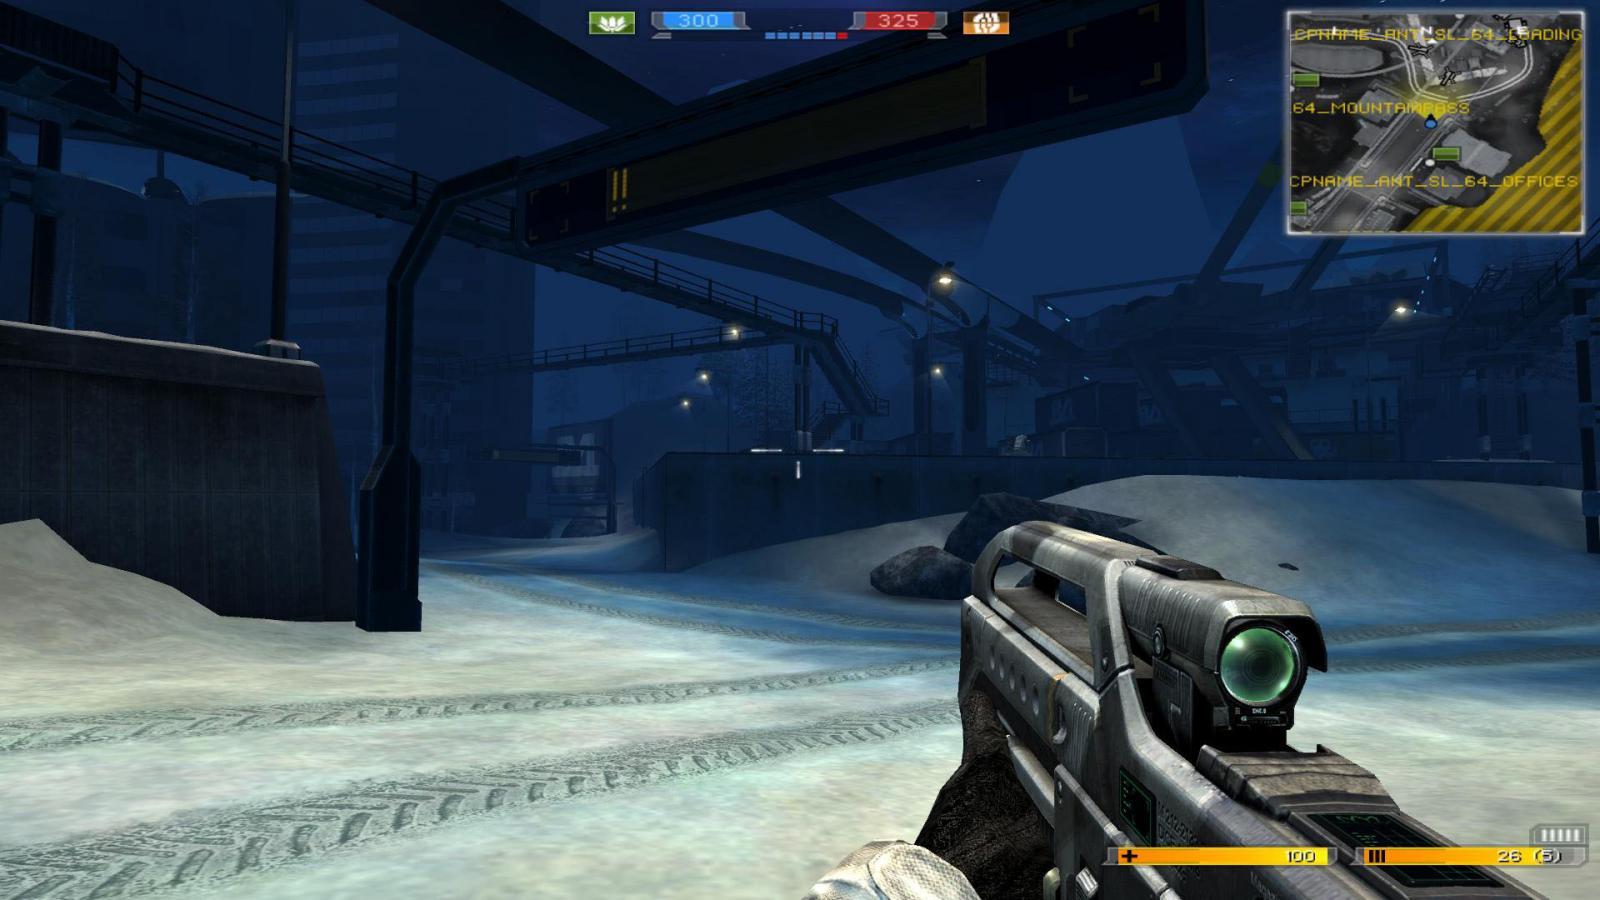 Скачать Patch Battlefield 2142 1.51 Beta 2 (17/12/2010) - ТОРРЕНТИНО - скач